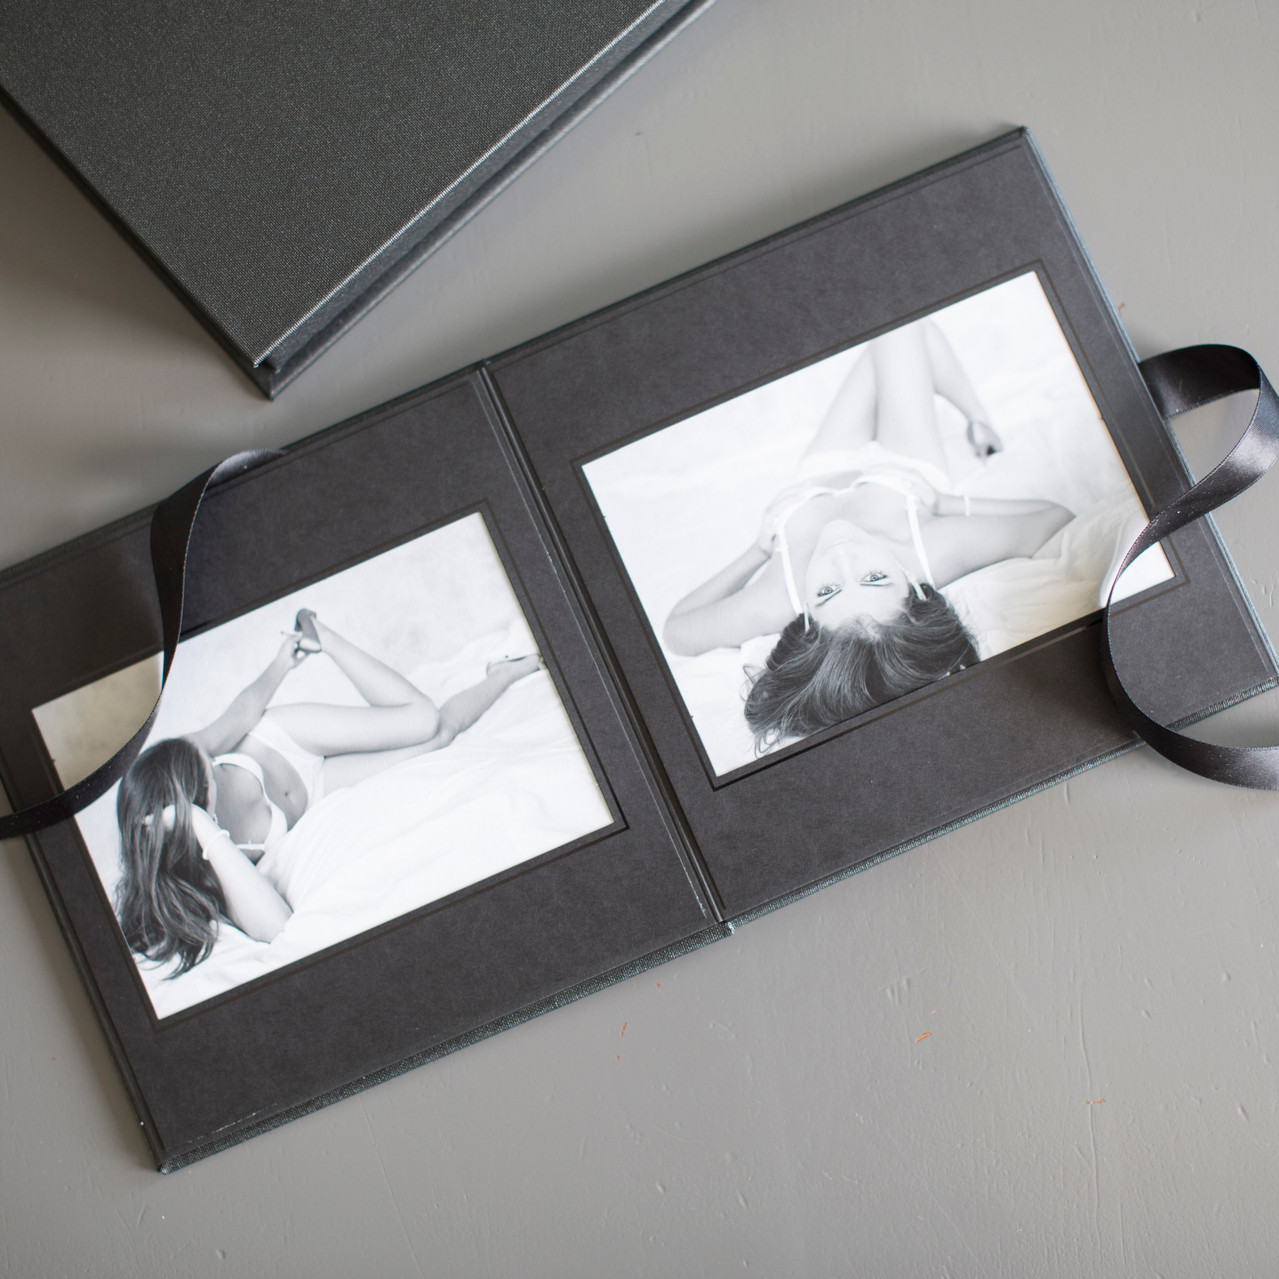 Inkludert i boudoir fotograferingen er det et lekkert brettealbum med plass til 10 bilder. Albumet er i størrelsen 16x16 cm.